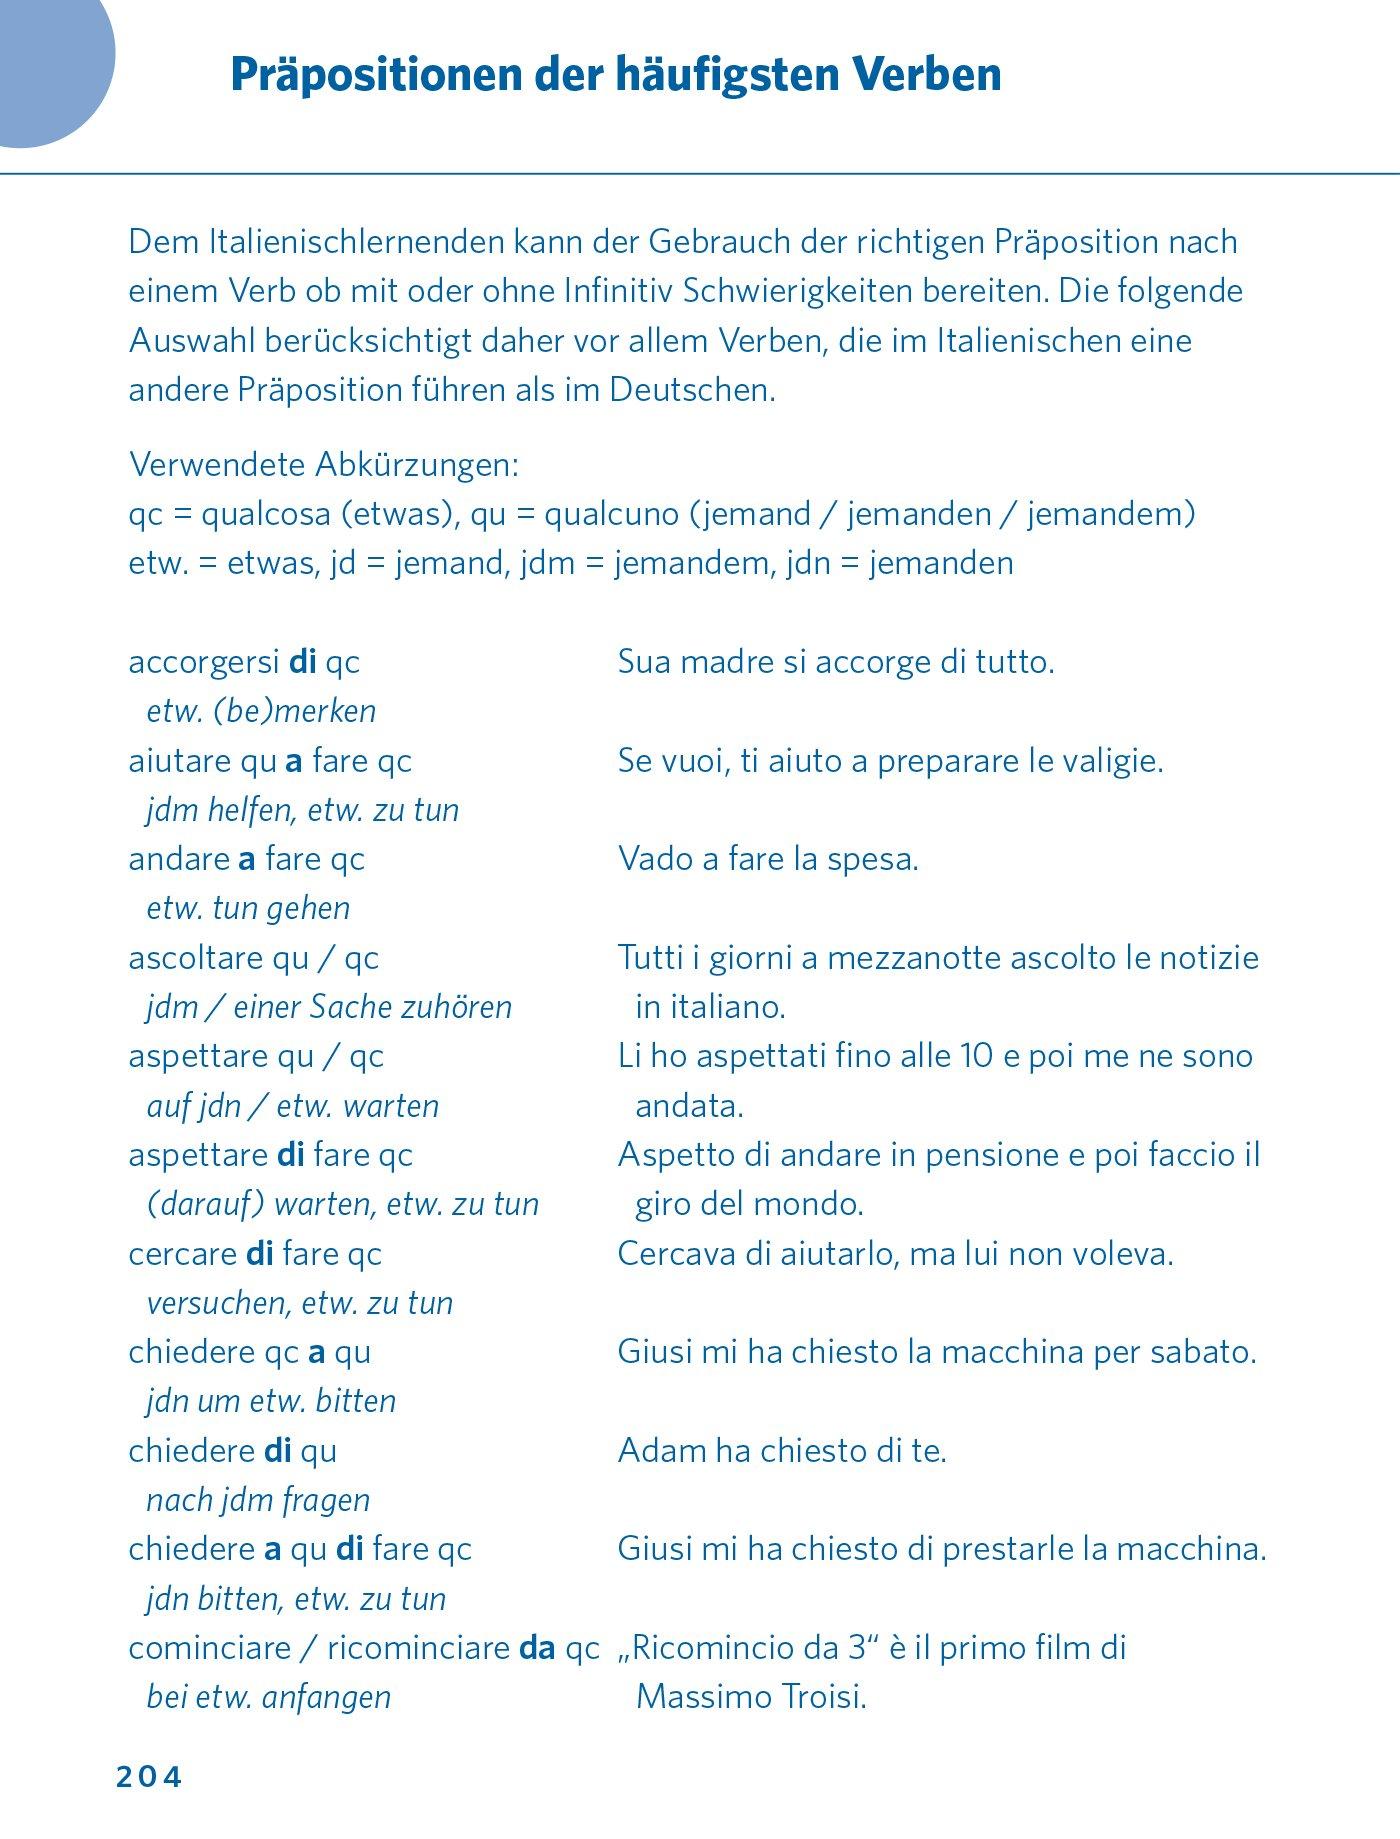 Pons mini verbtabellen italienisch 9783125619296 amazon books fandeluxe Image collections